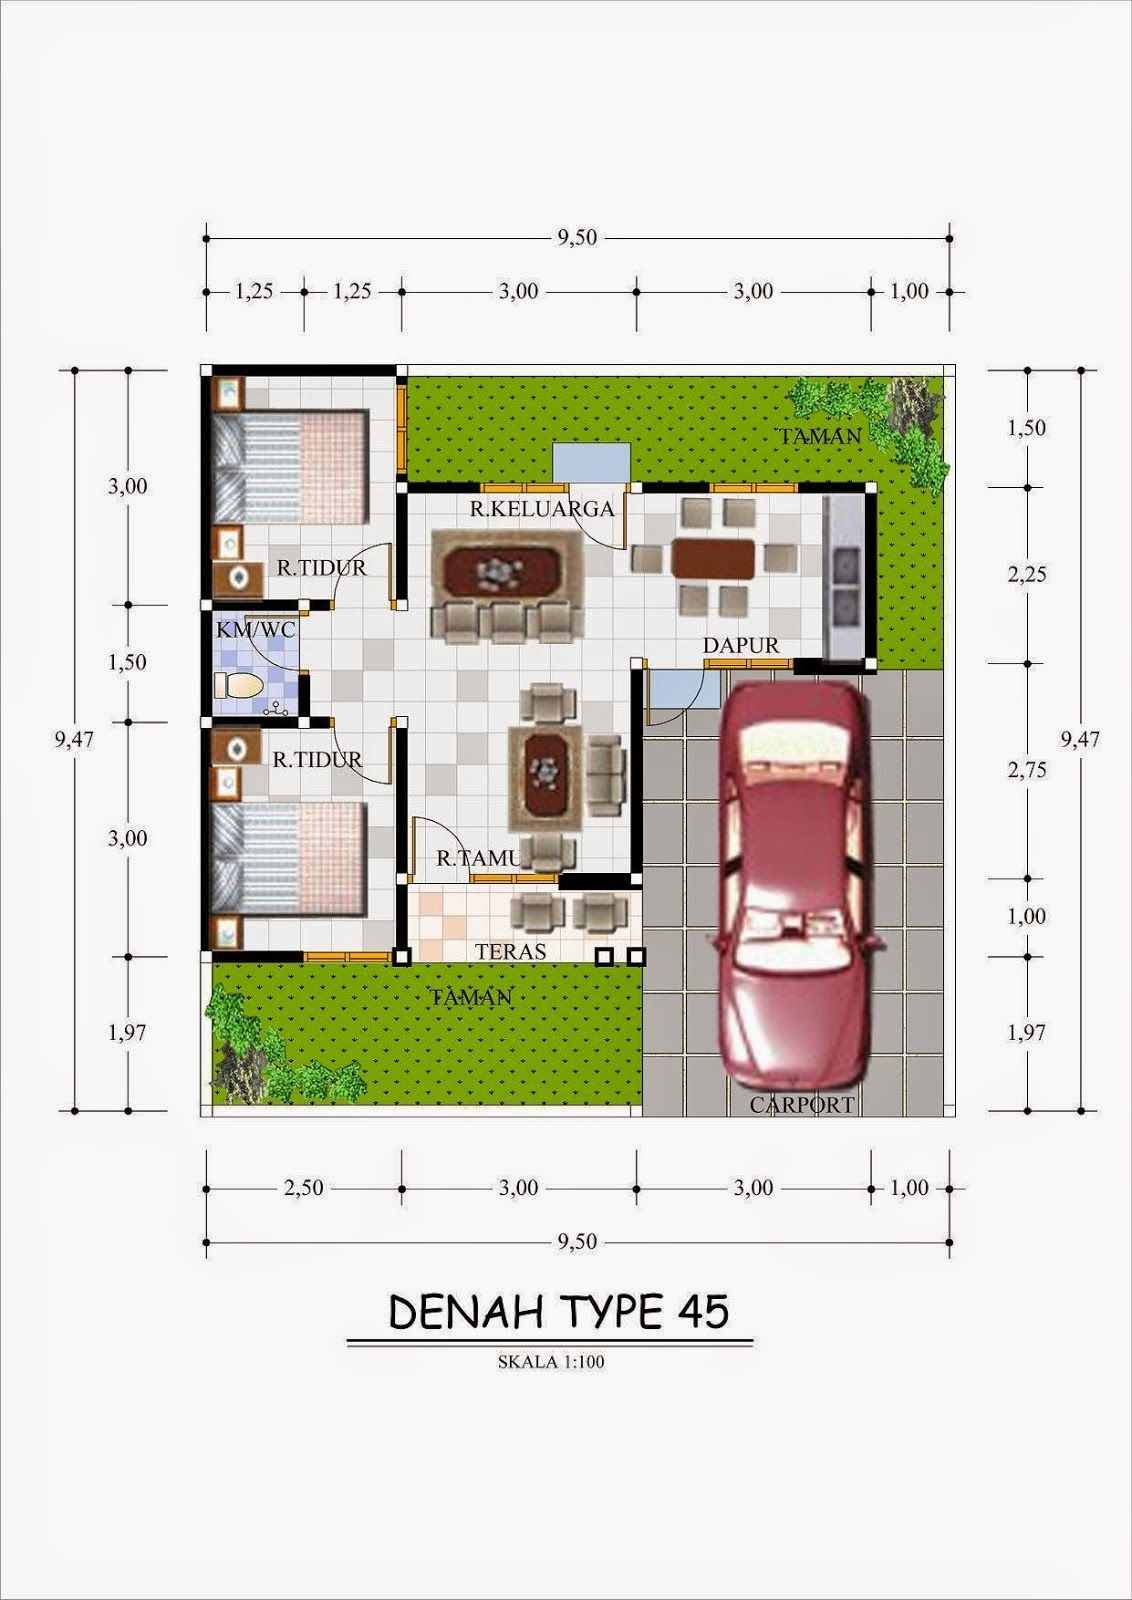 Denah Rumah Minimalis Type 45 1 Lantai Terbaru 2015 Denah Rumah Rumah Minimalis The Plan